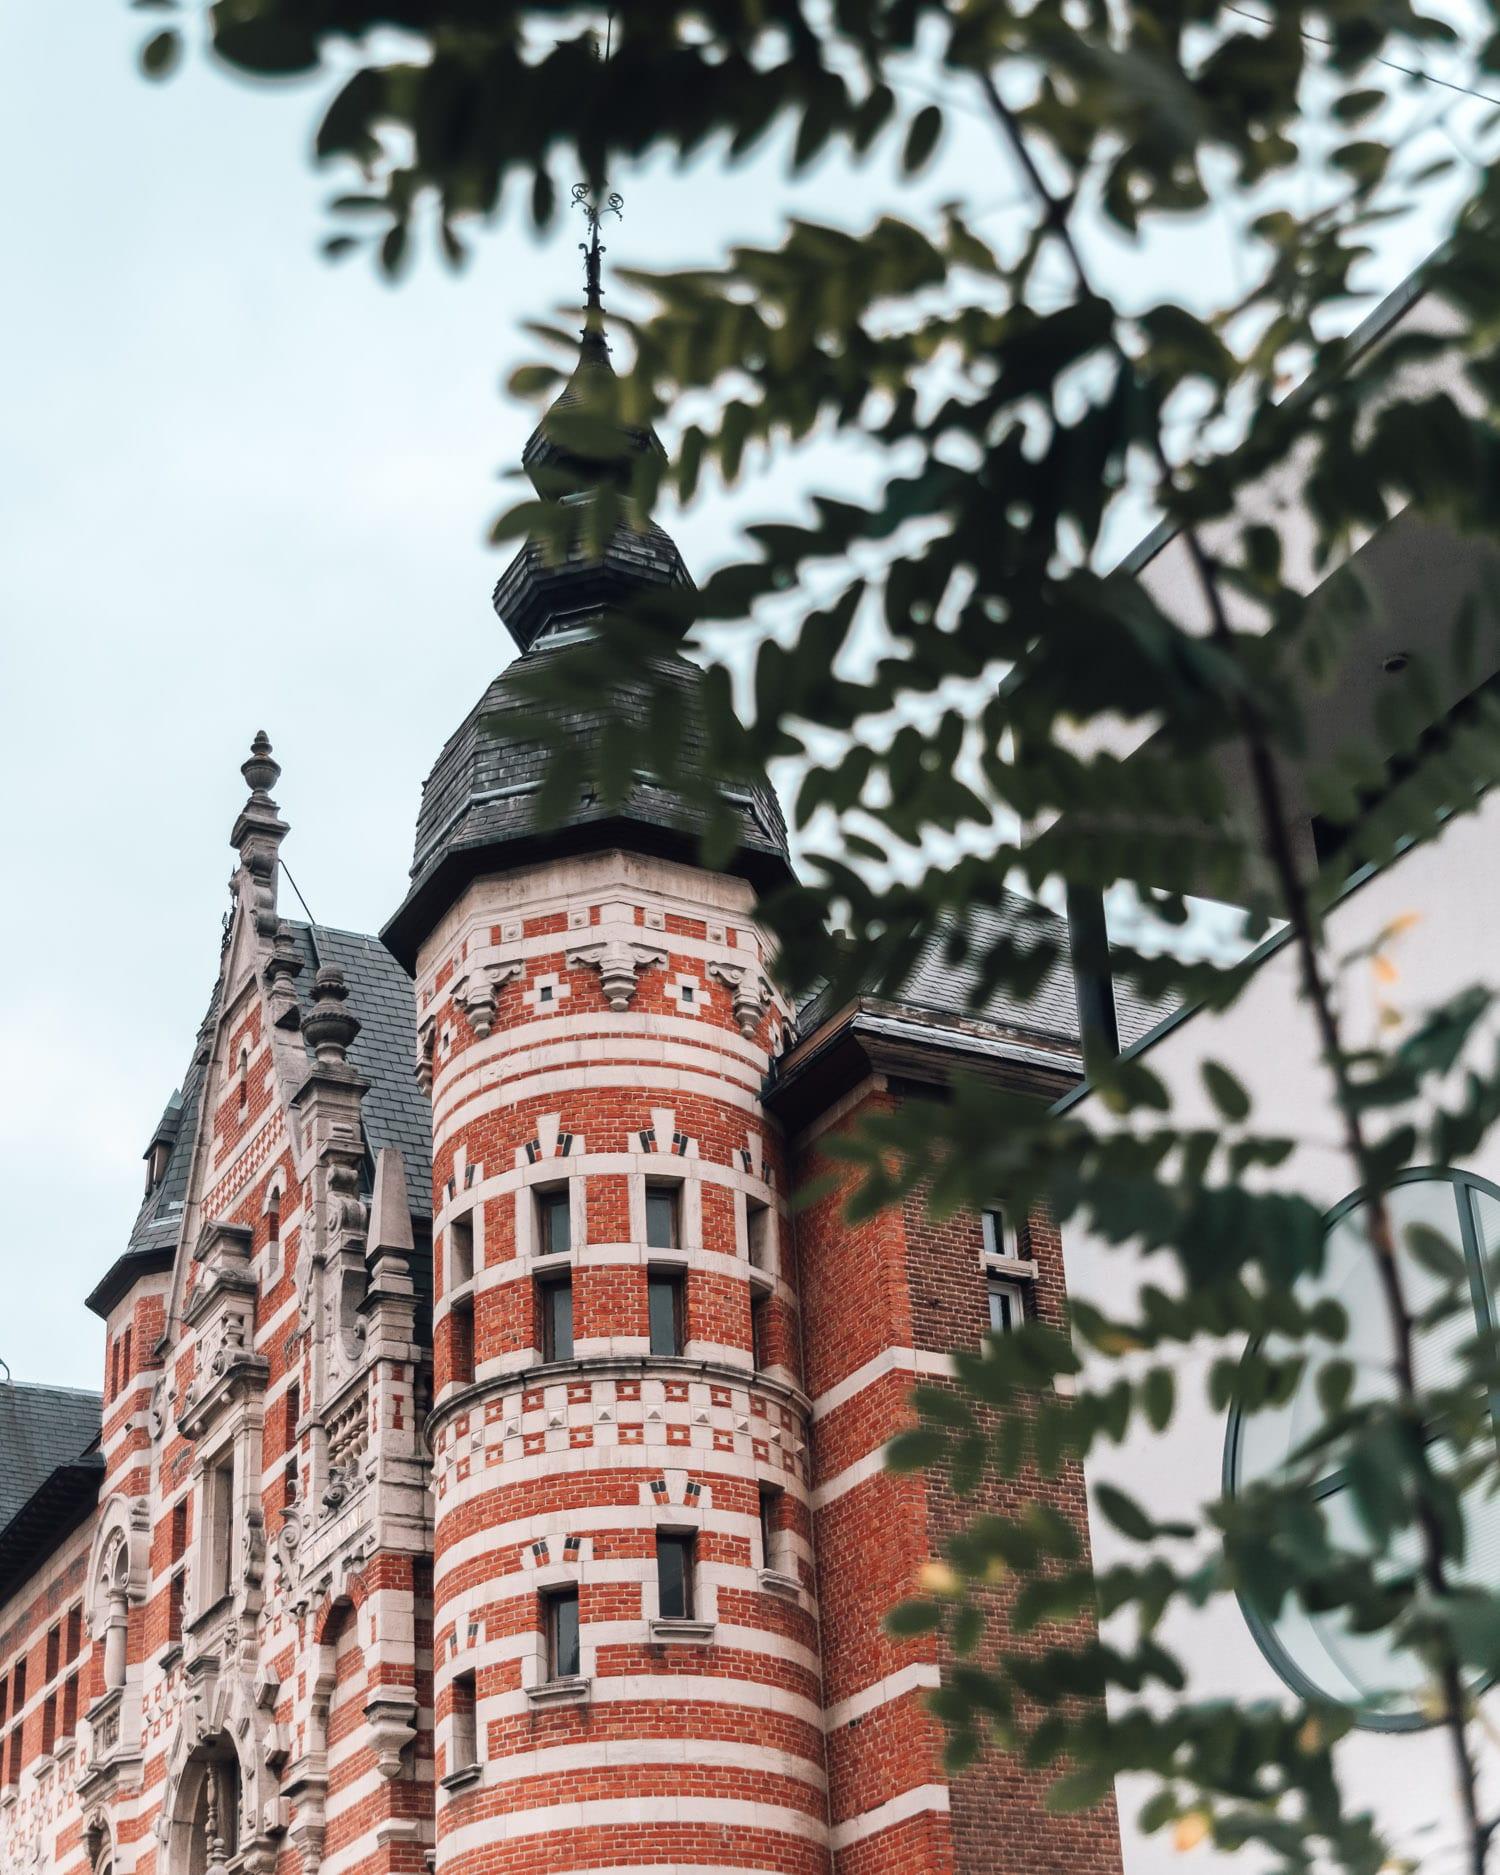 """""""De Sterre, De Sonne, De Mane"""", a building built in the Neo-Renaissance style, Zurenborg, Antwerpen, Flemish Region, Belgium"""